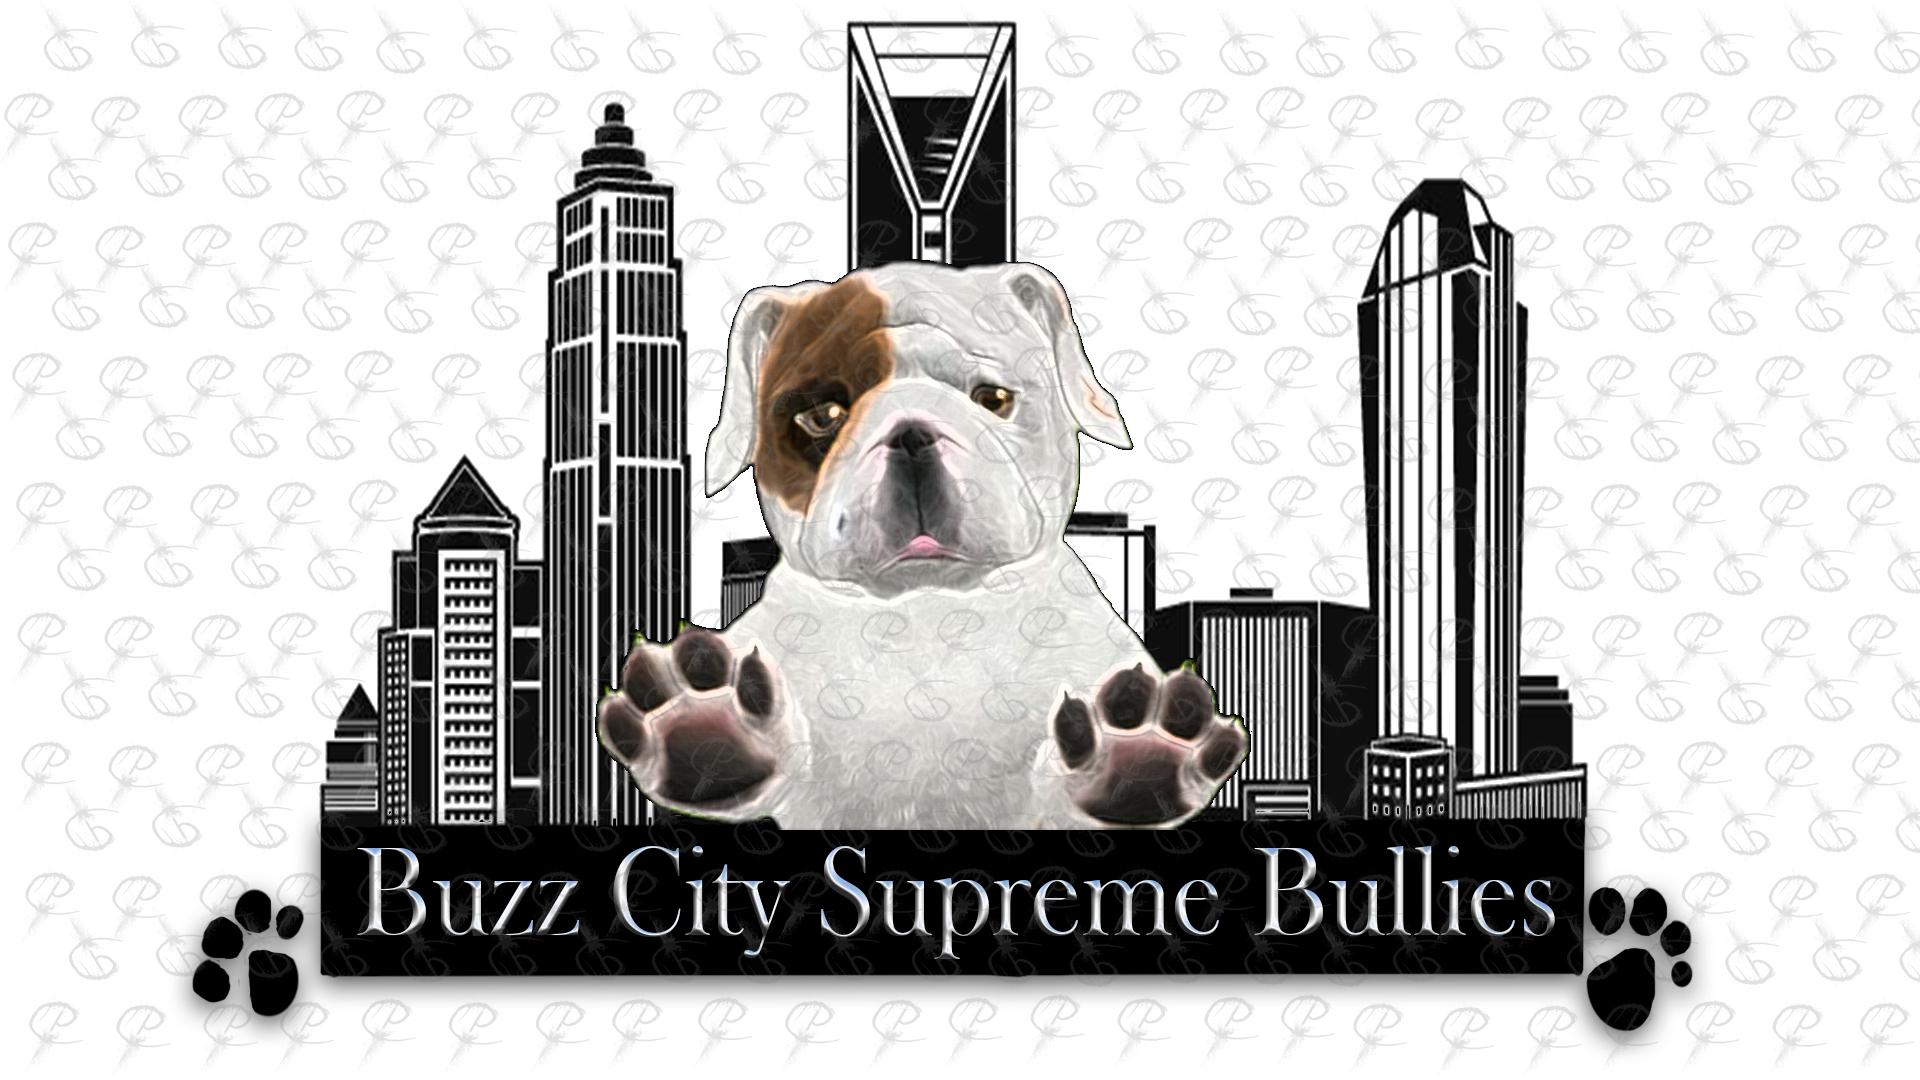 Buzz City Supreme Bullies watermark